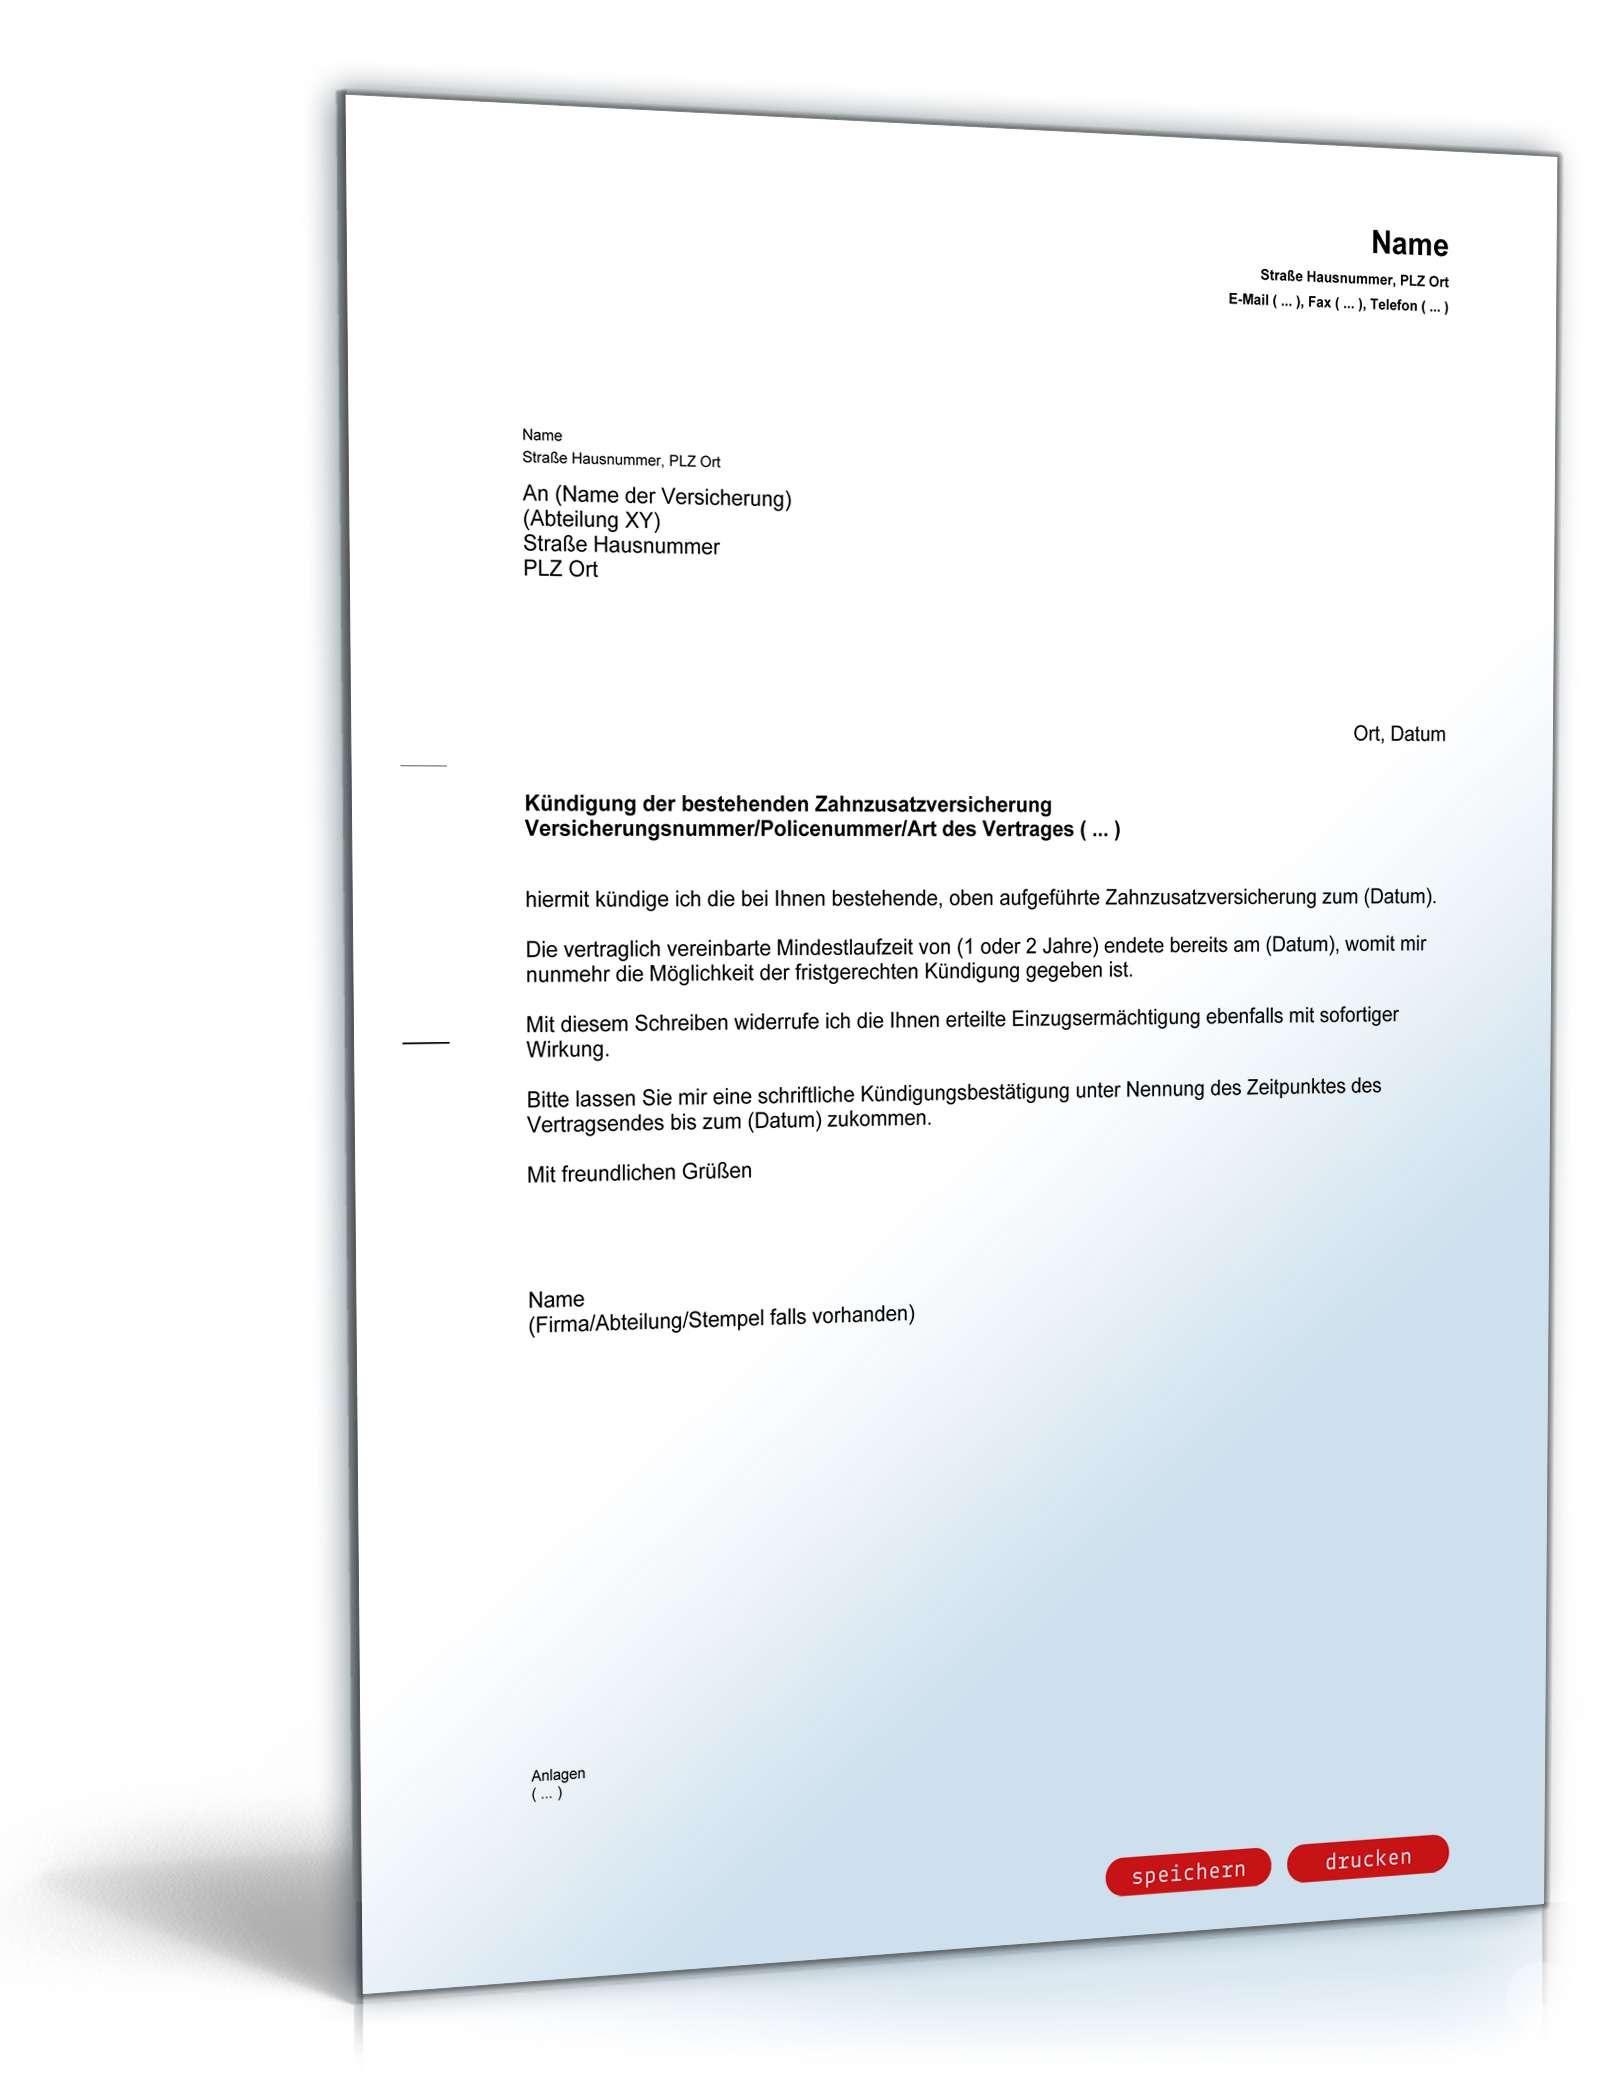 Fristgemäße Kündigung Zahnzusatzversicherung Vorlage Zum Download